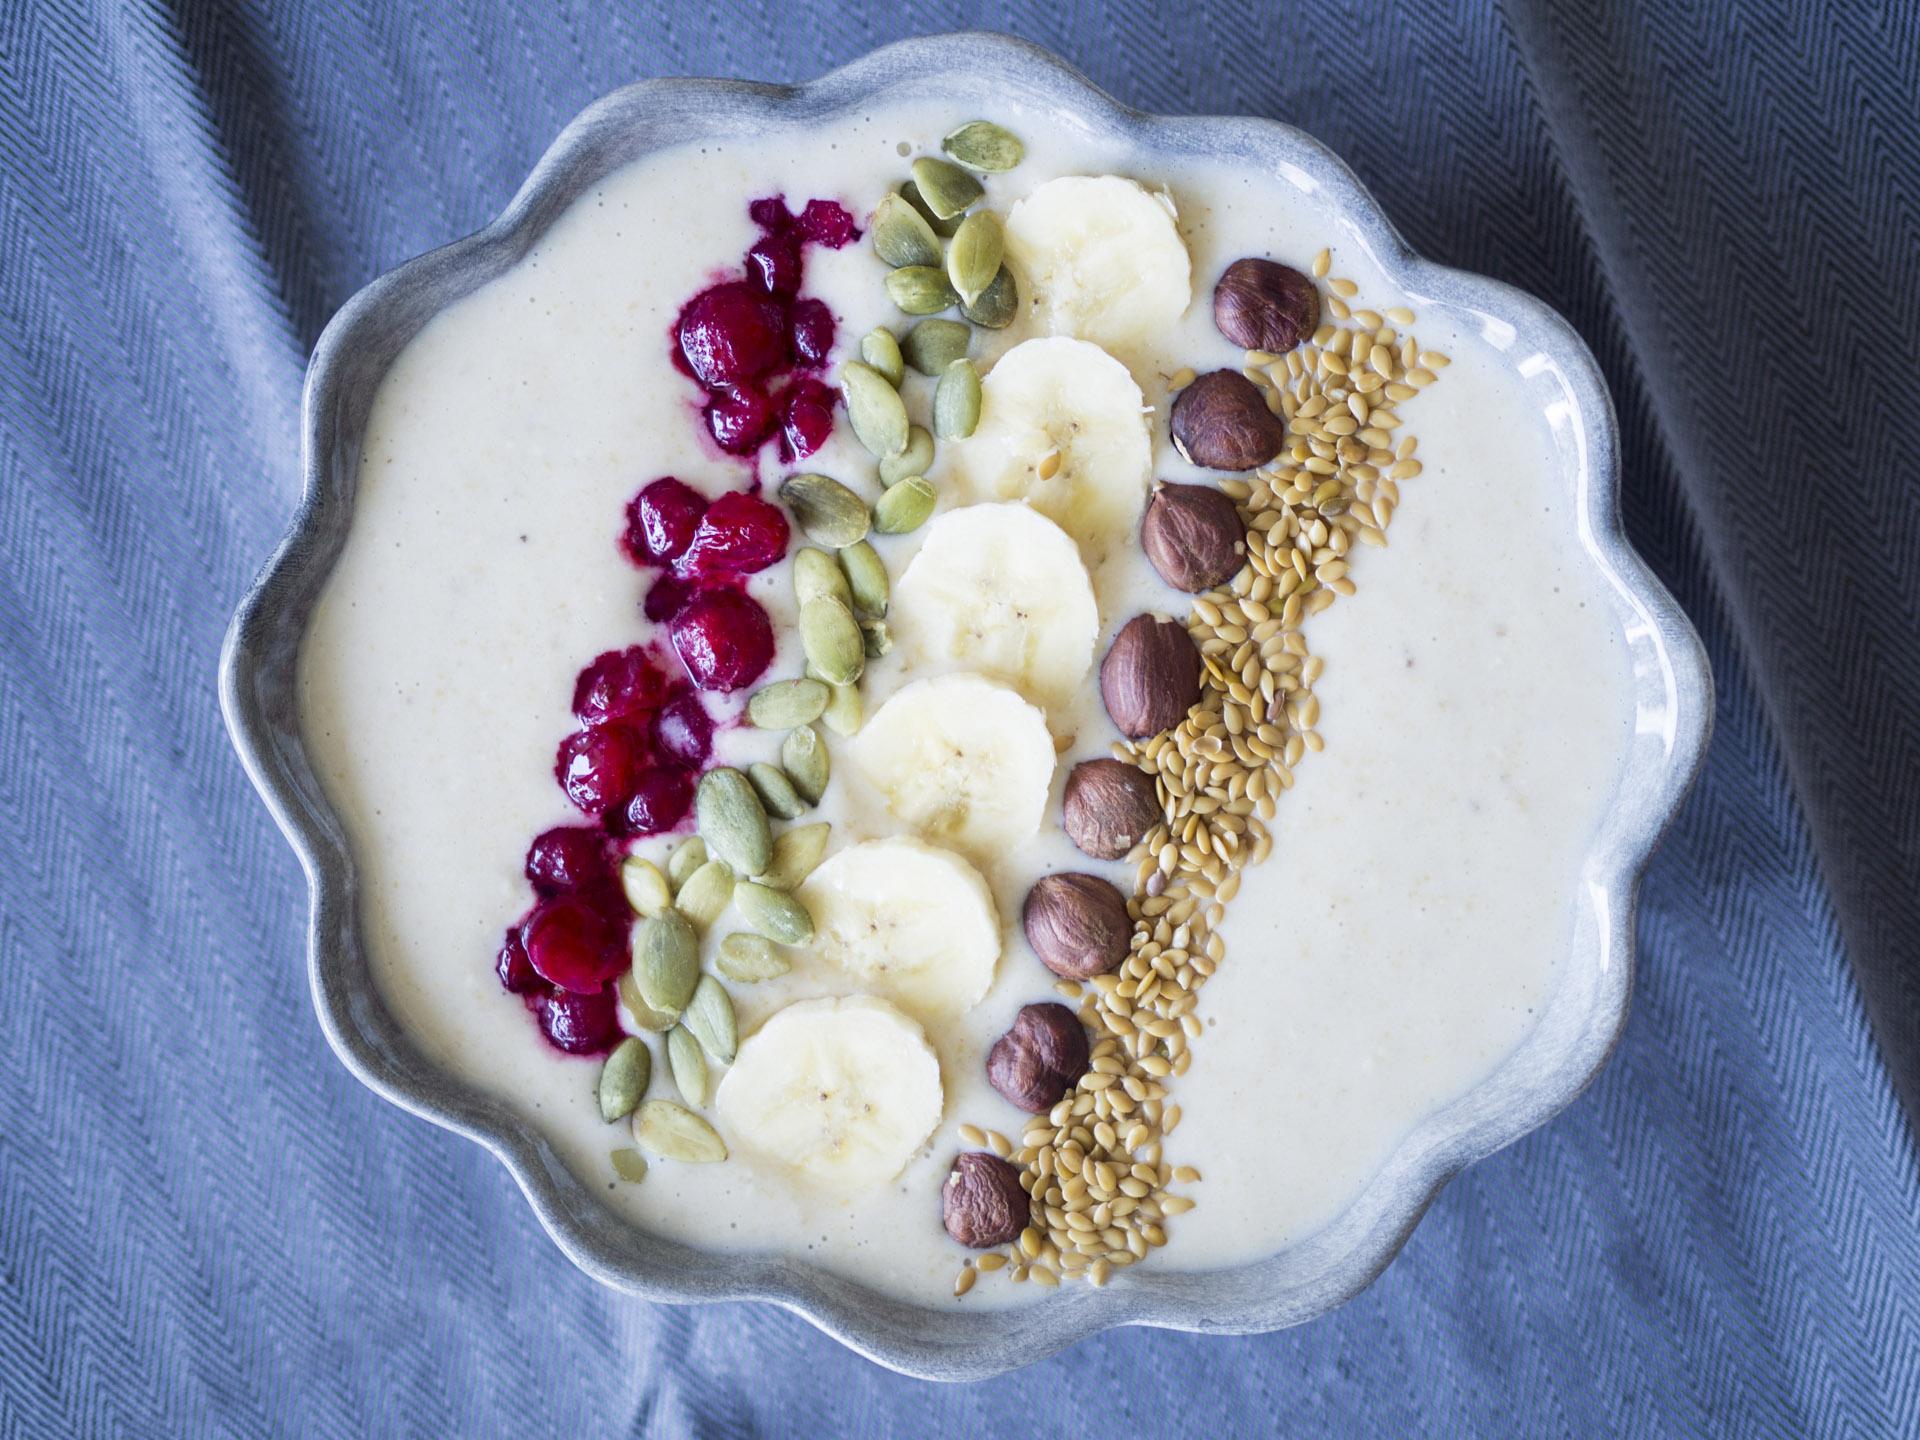 Smoothiebowl med banan och jordnötssmör